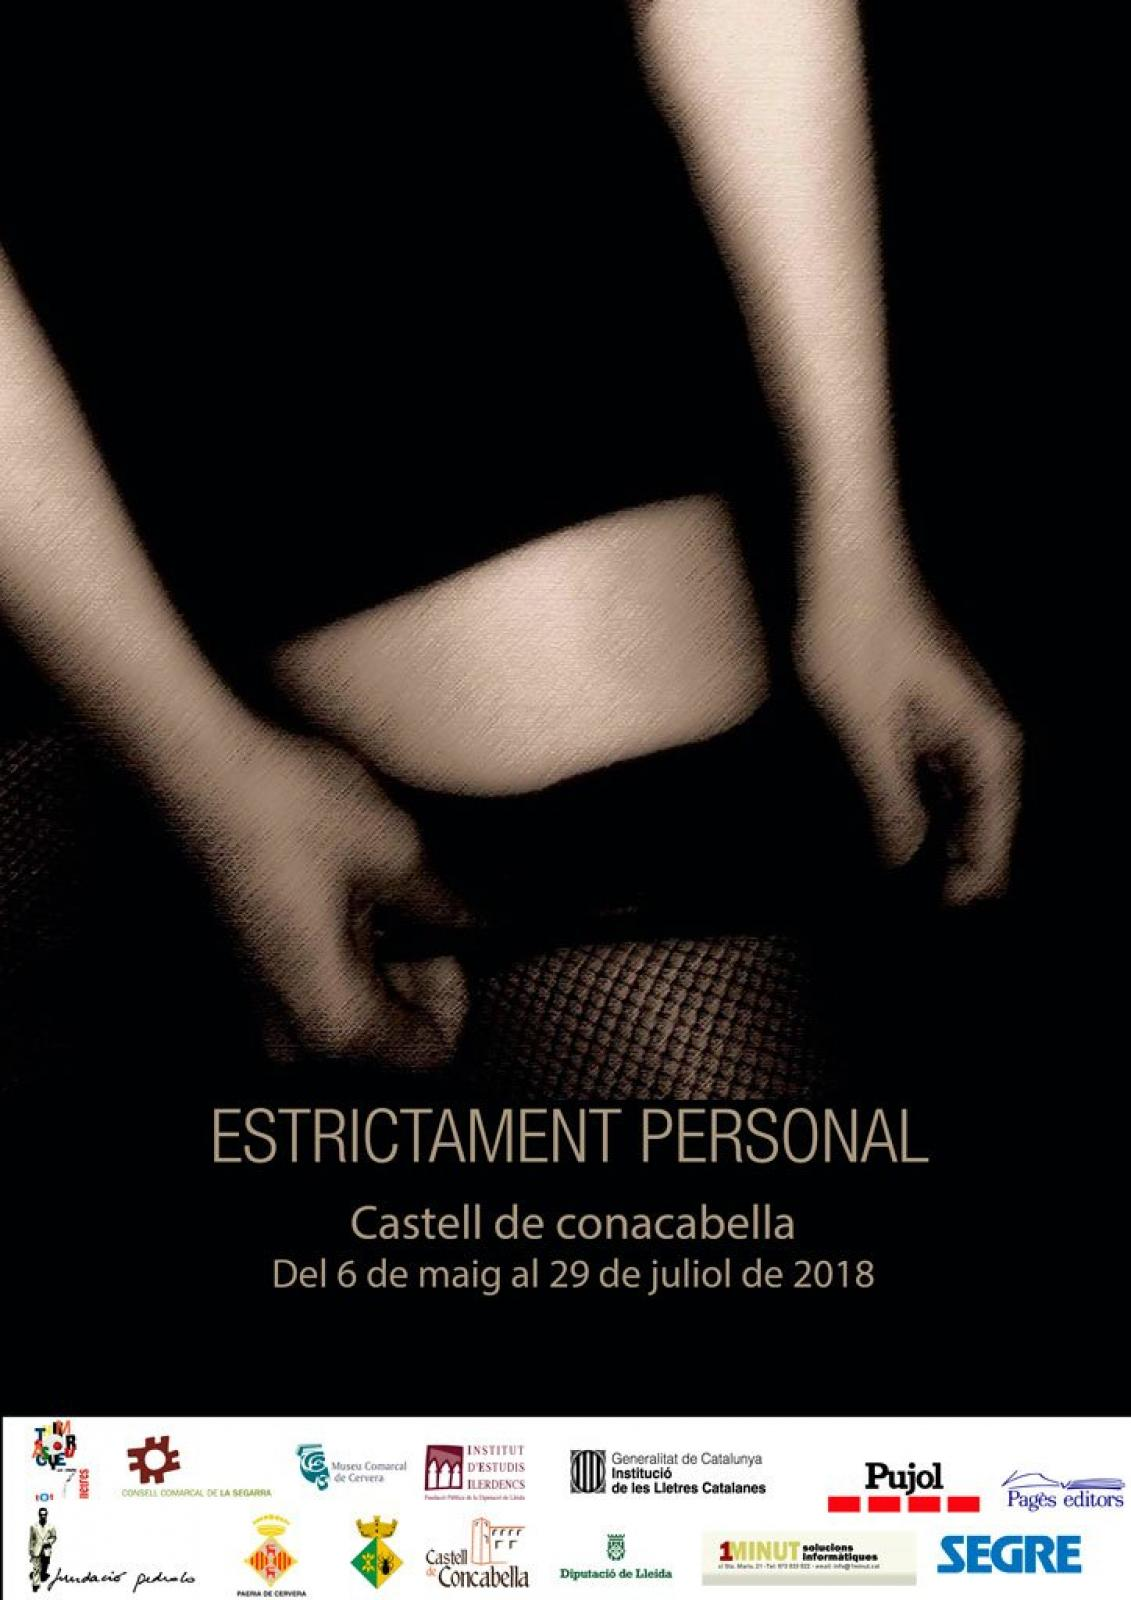 Exposició 'Estrictament personal'